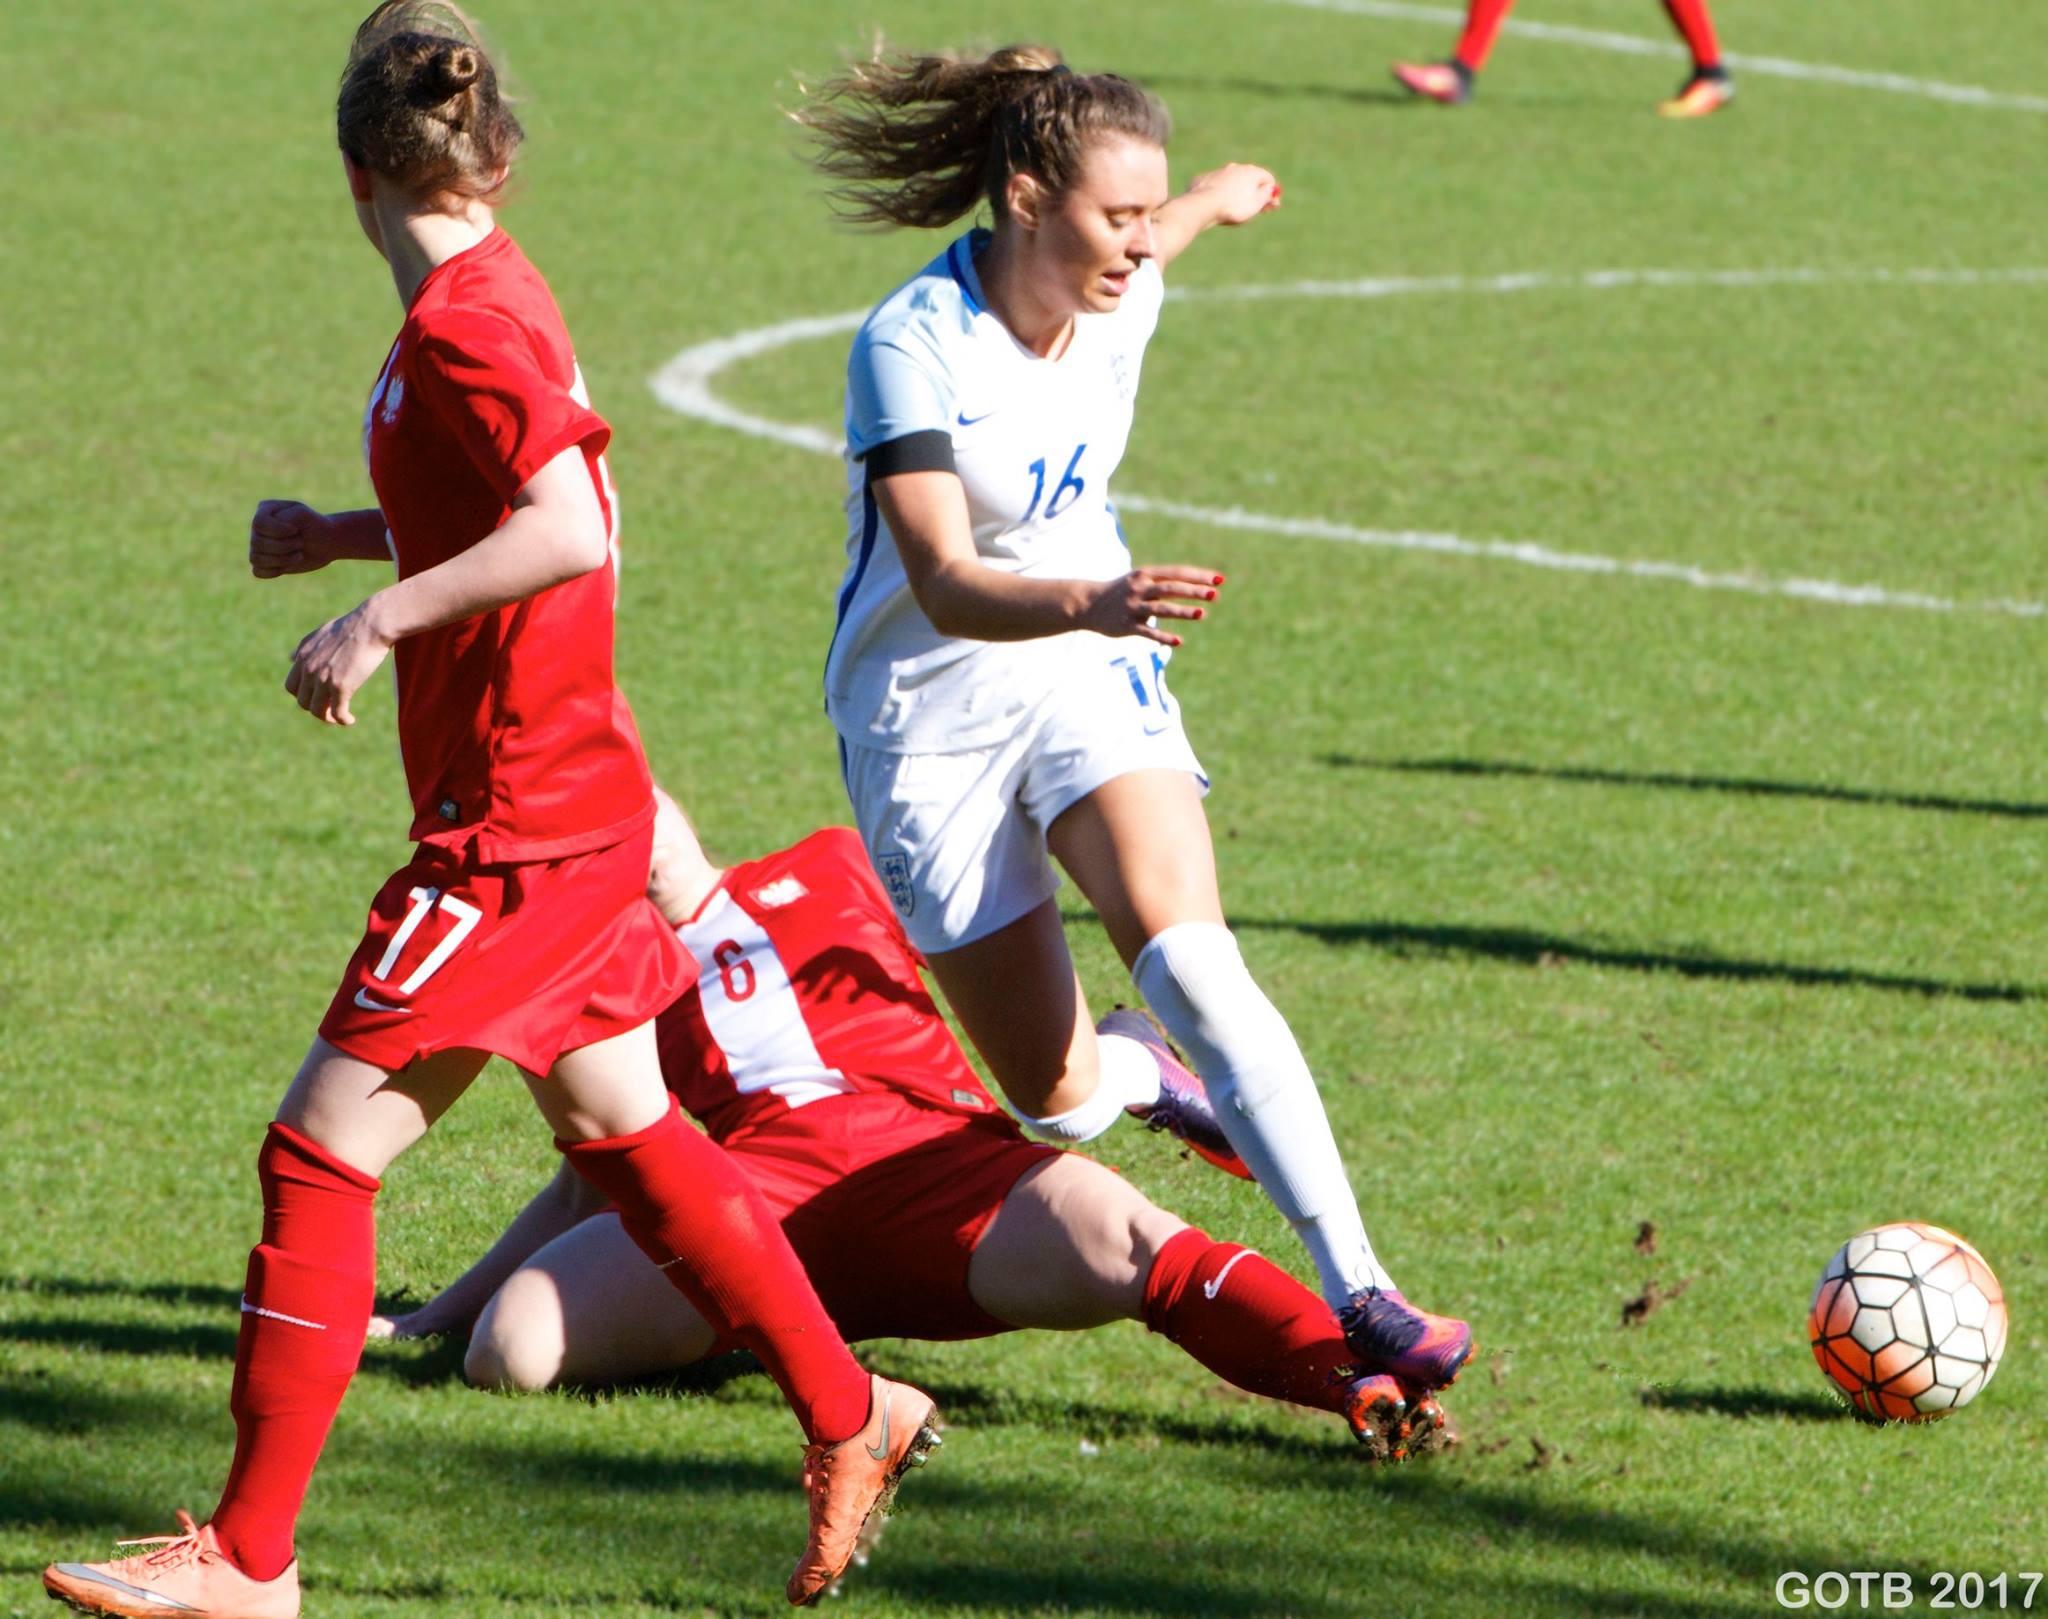 England U17s v Poland, Euro 2017 Elite Round Qualifying